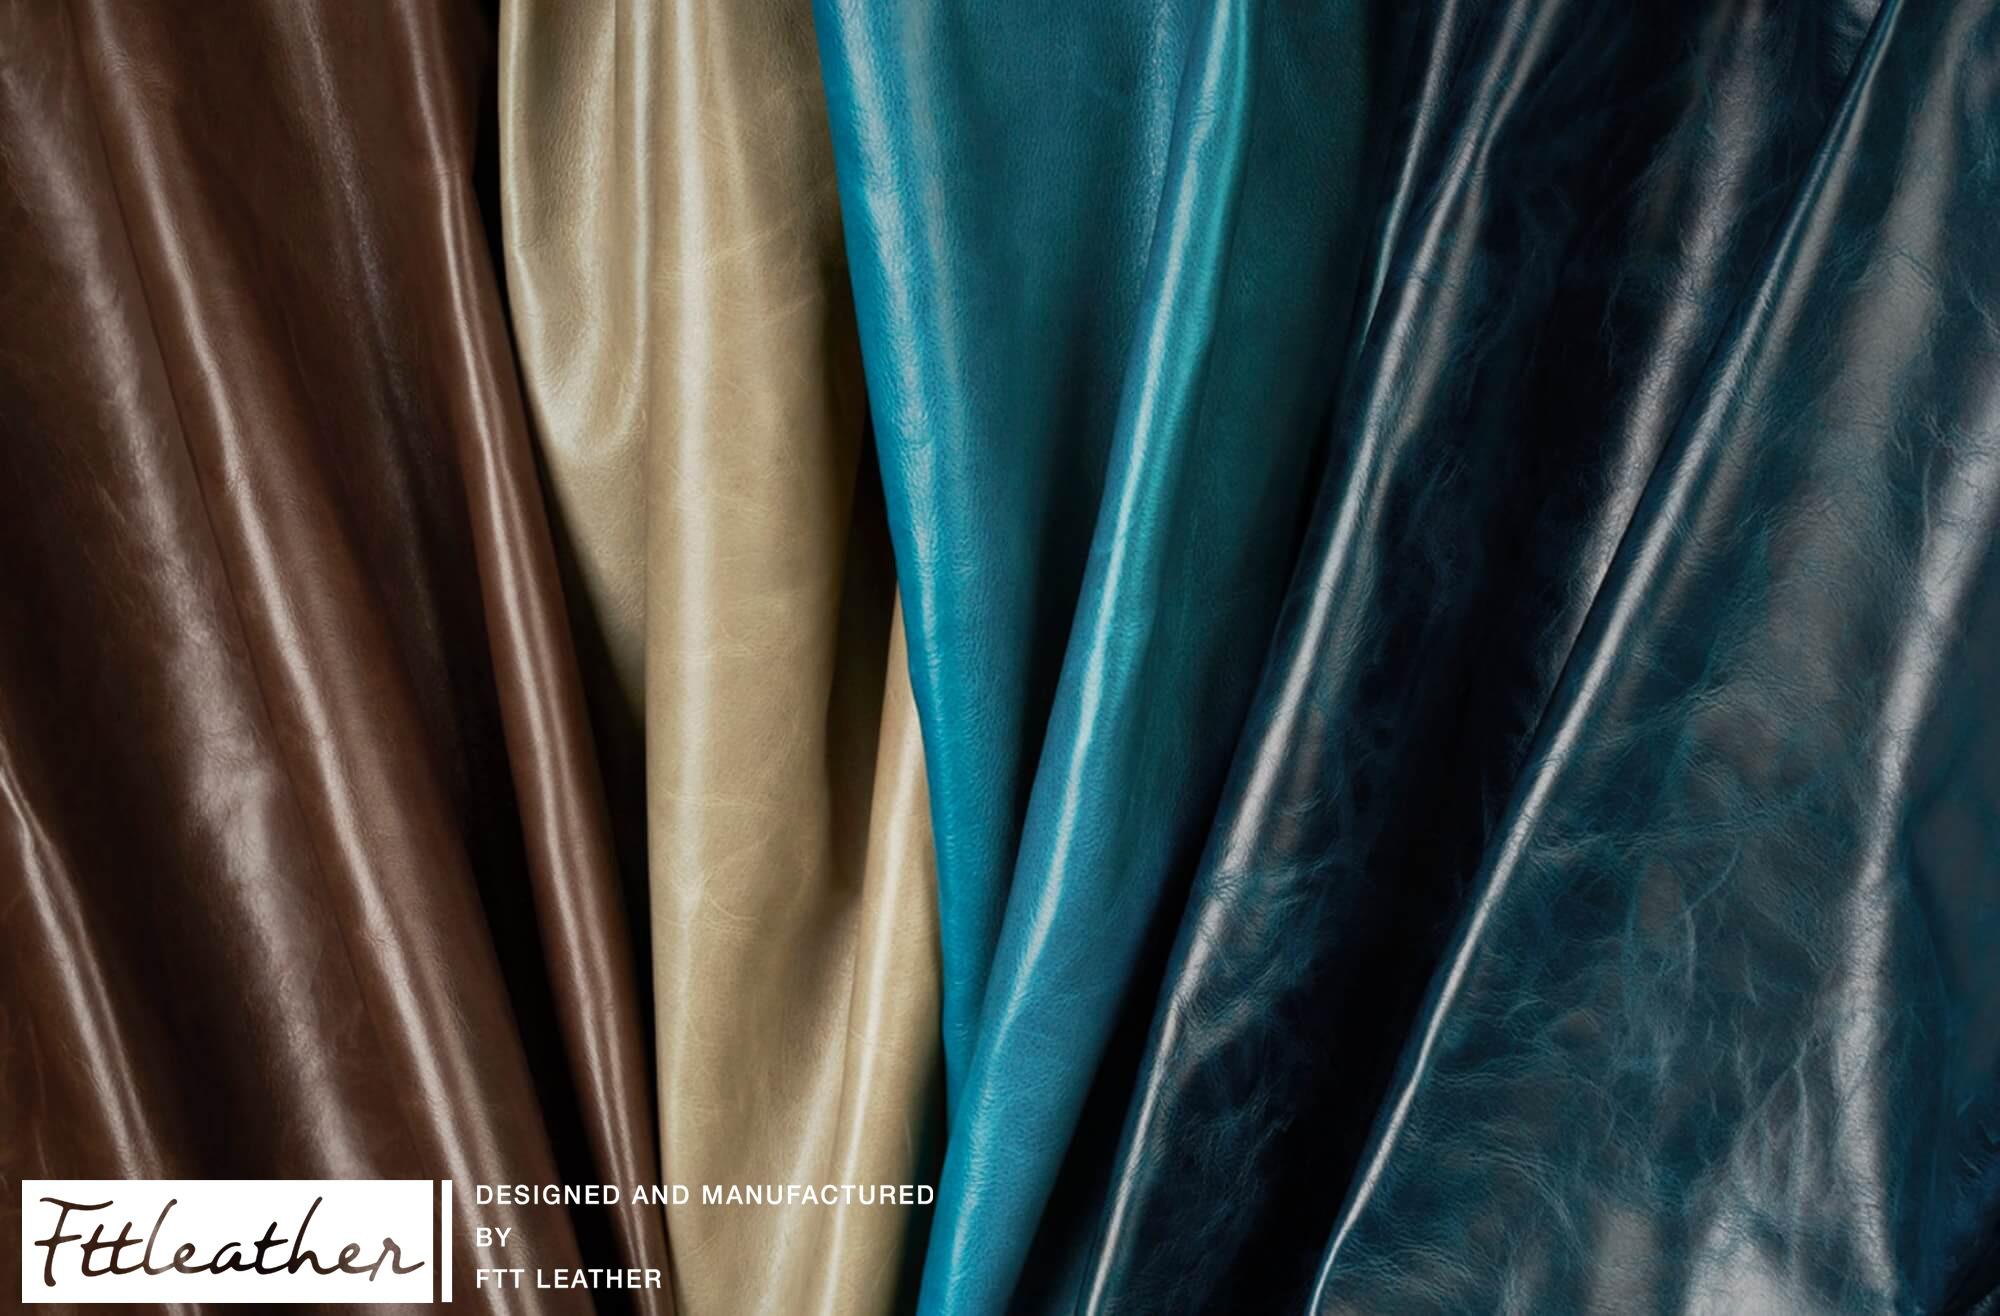 Da pullup là gì? Độ bền, ứng dụng và cách phân biệt da pullup thật giả